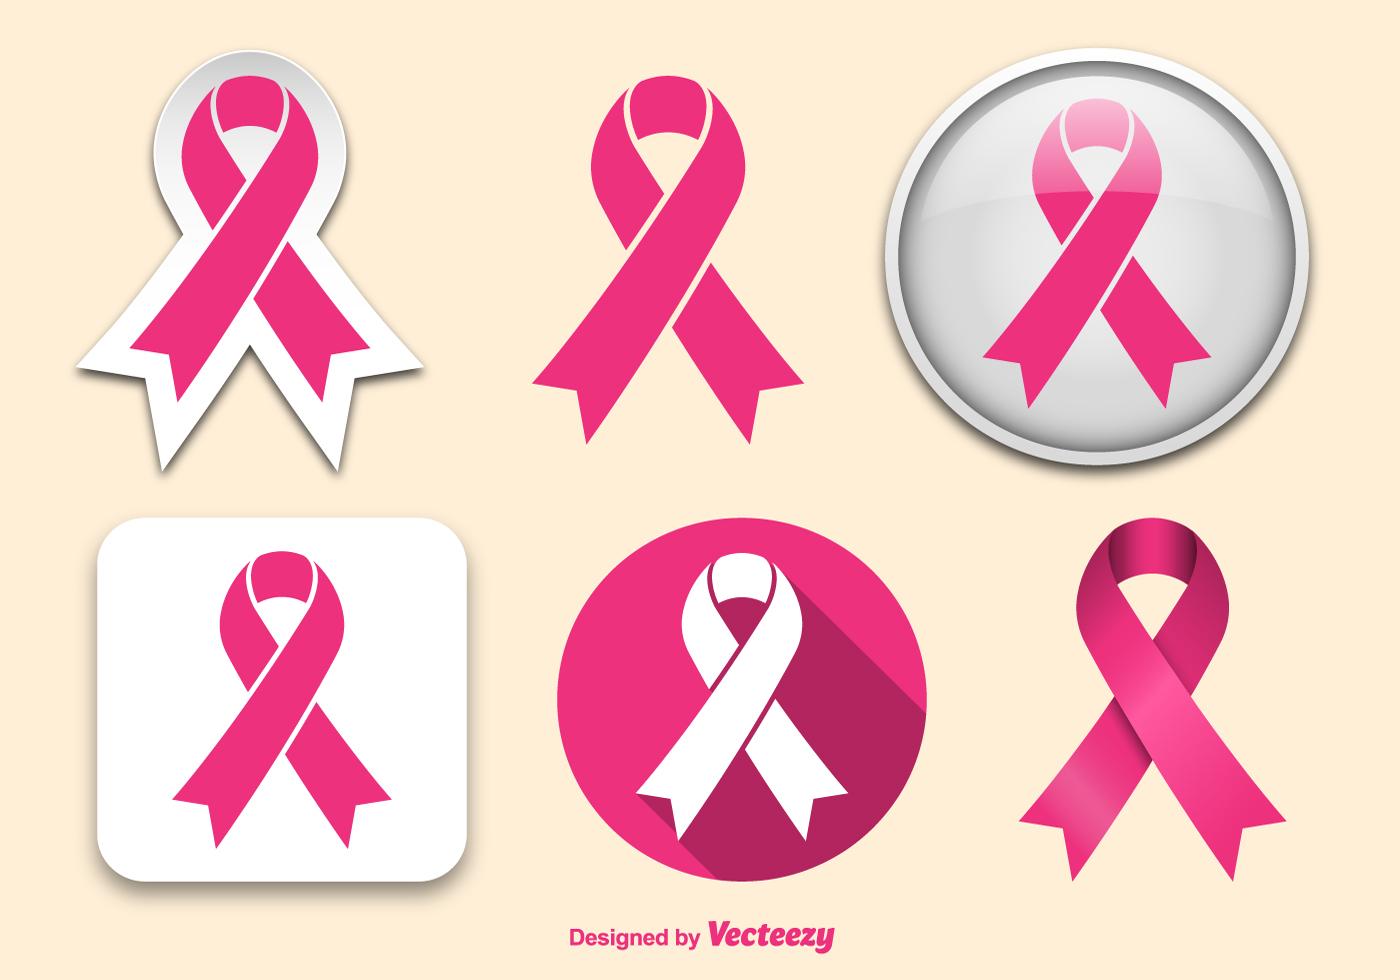 Cintas de cáncer de mama - Descargue Gráficos y Vectores Gratis